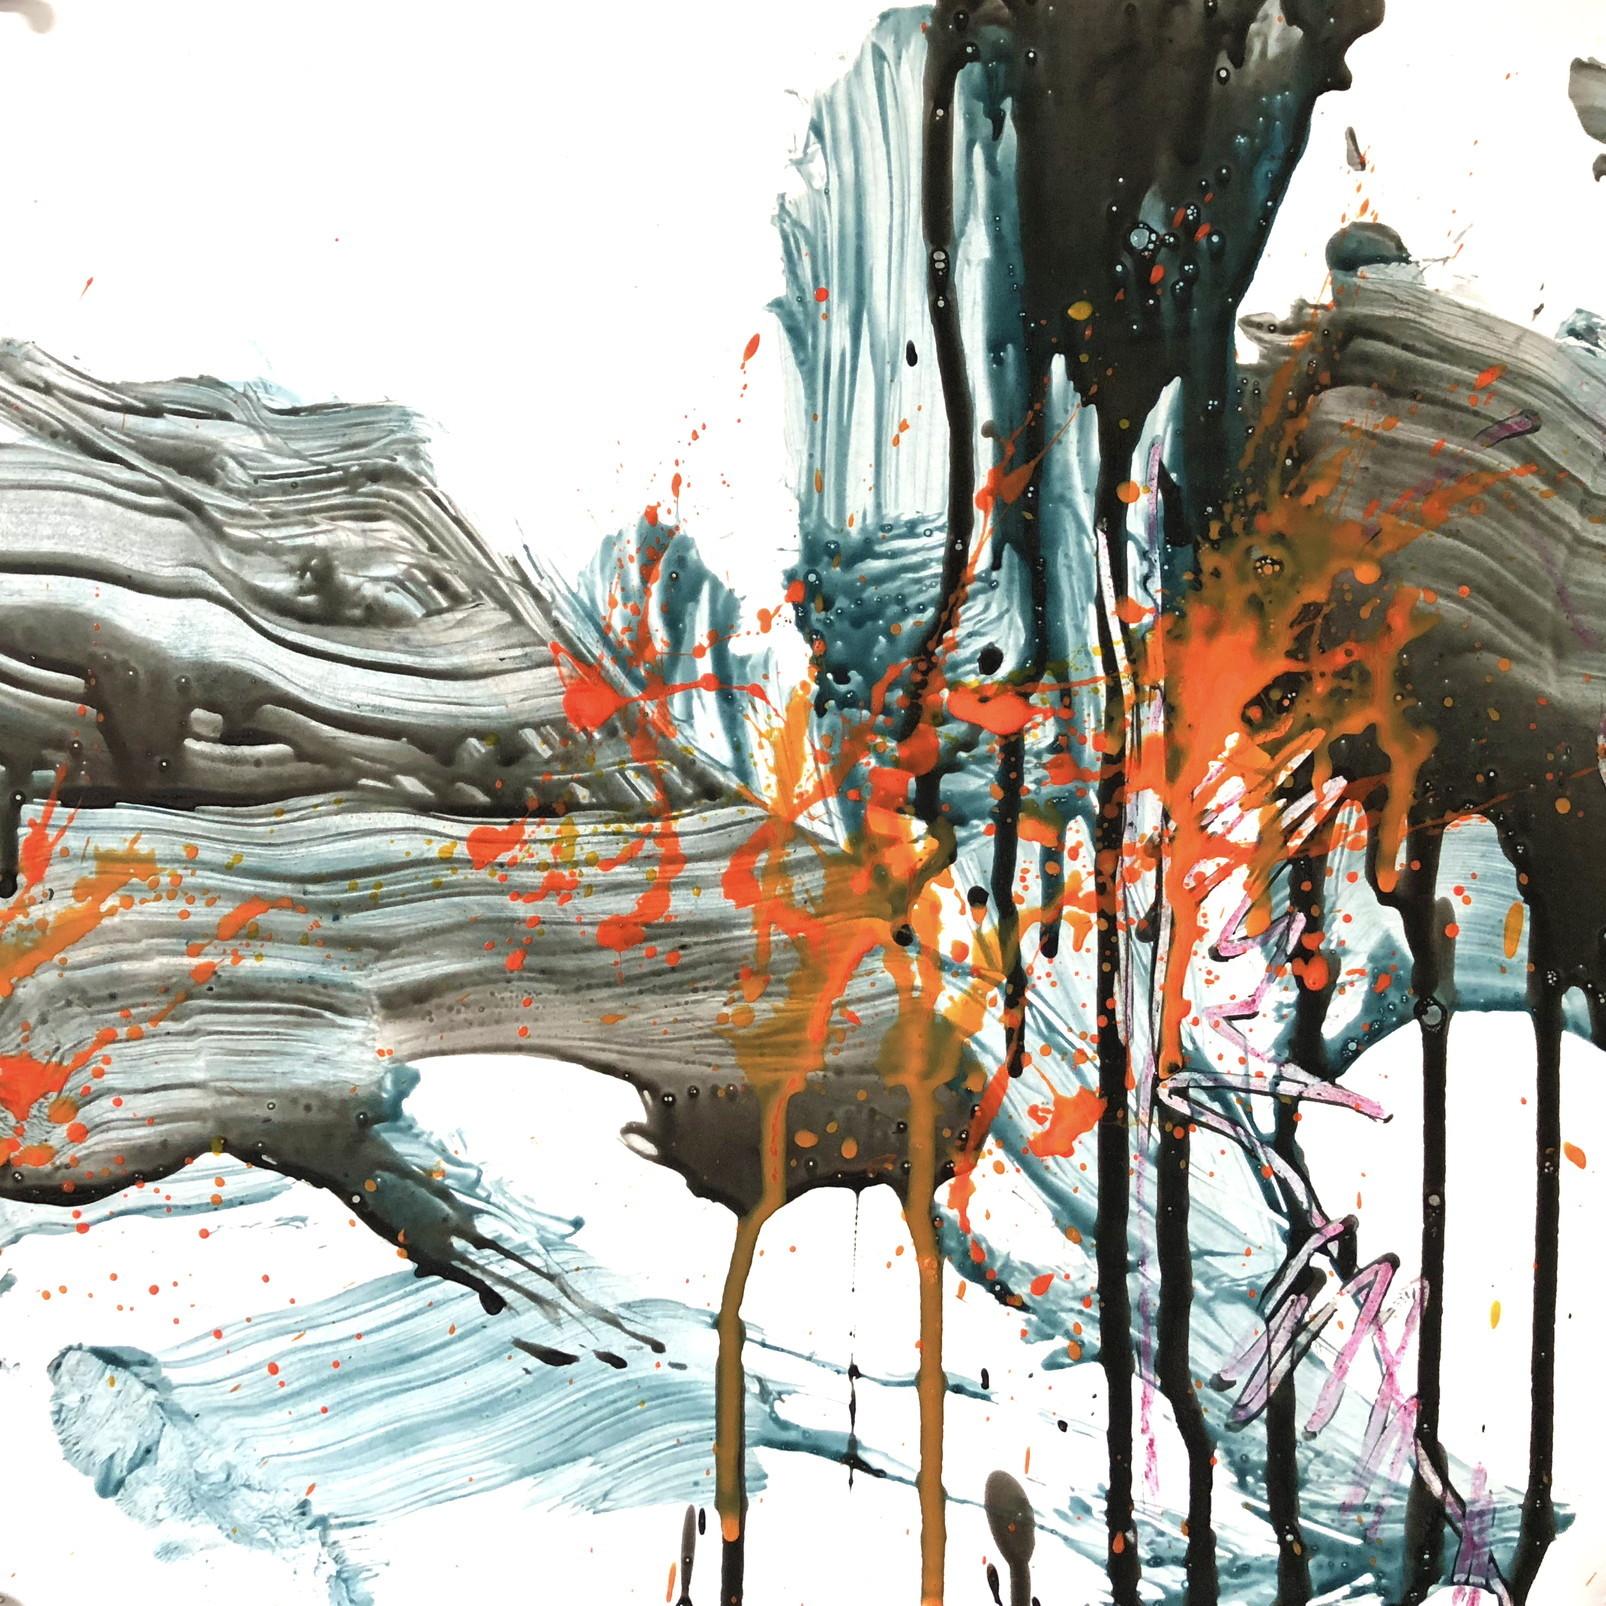 絵画 インテリア アートパネル 雑貨 壁掛け 置物 おしゃれ 抽象画 現代アート ロココロ 画家 : tamajapan 作品 : t-34  /